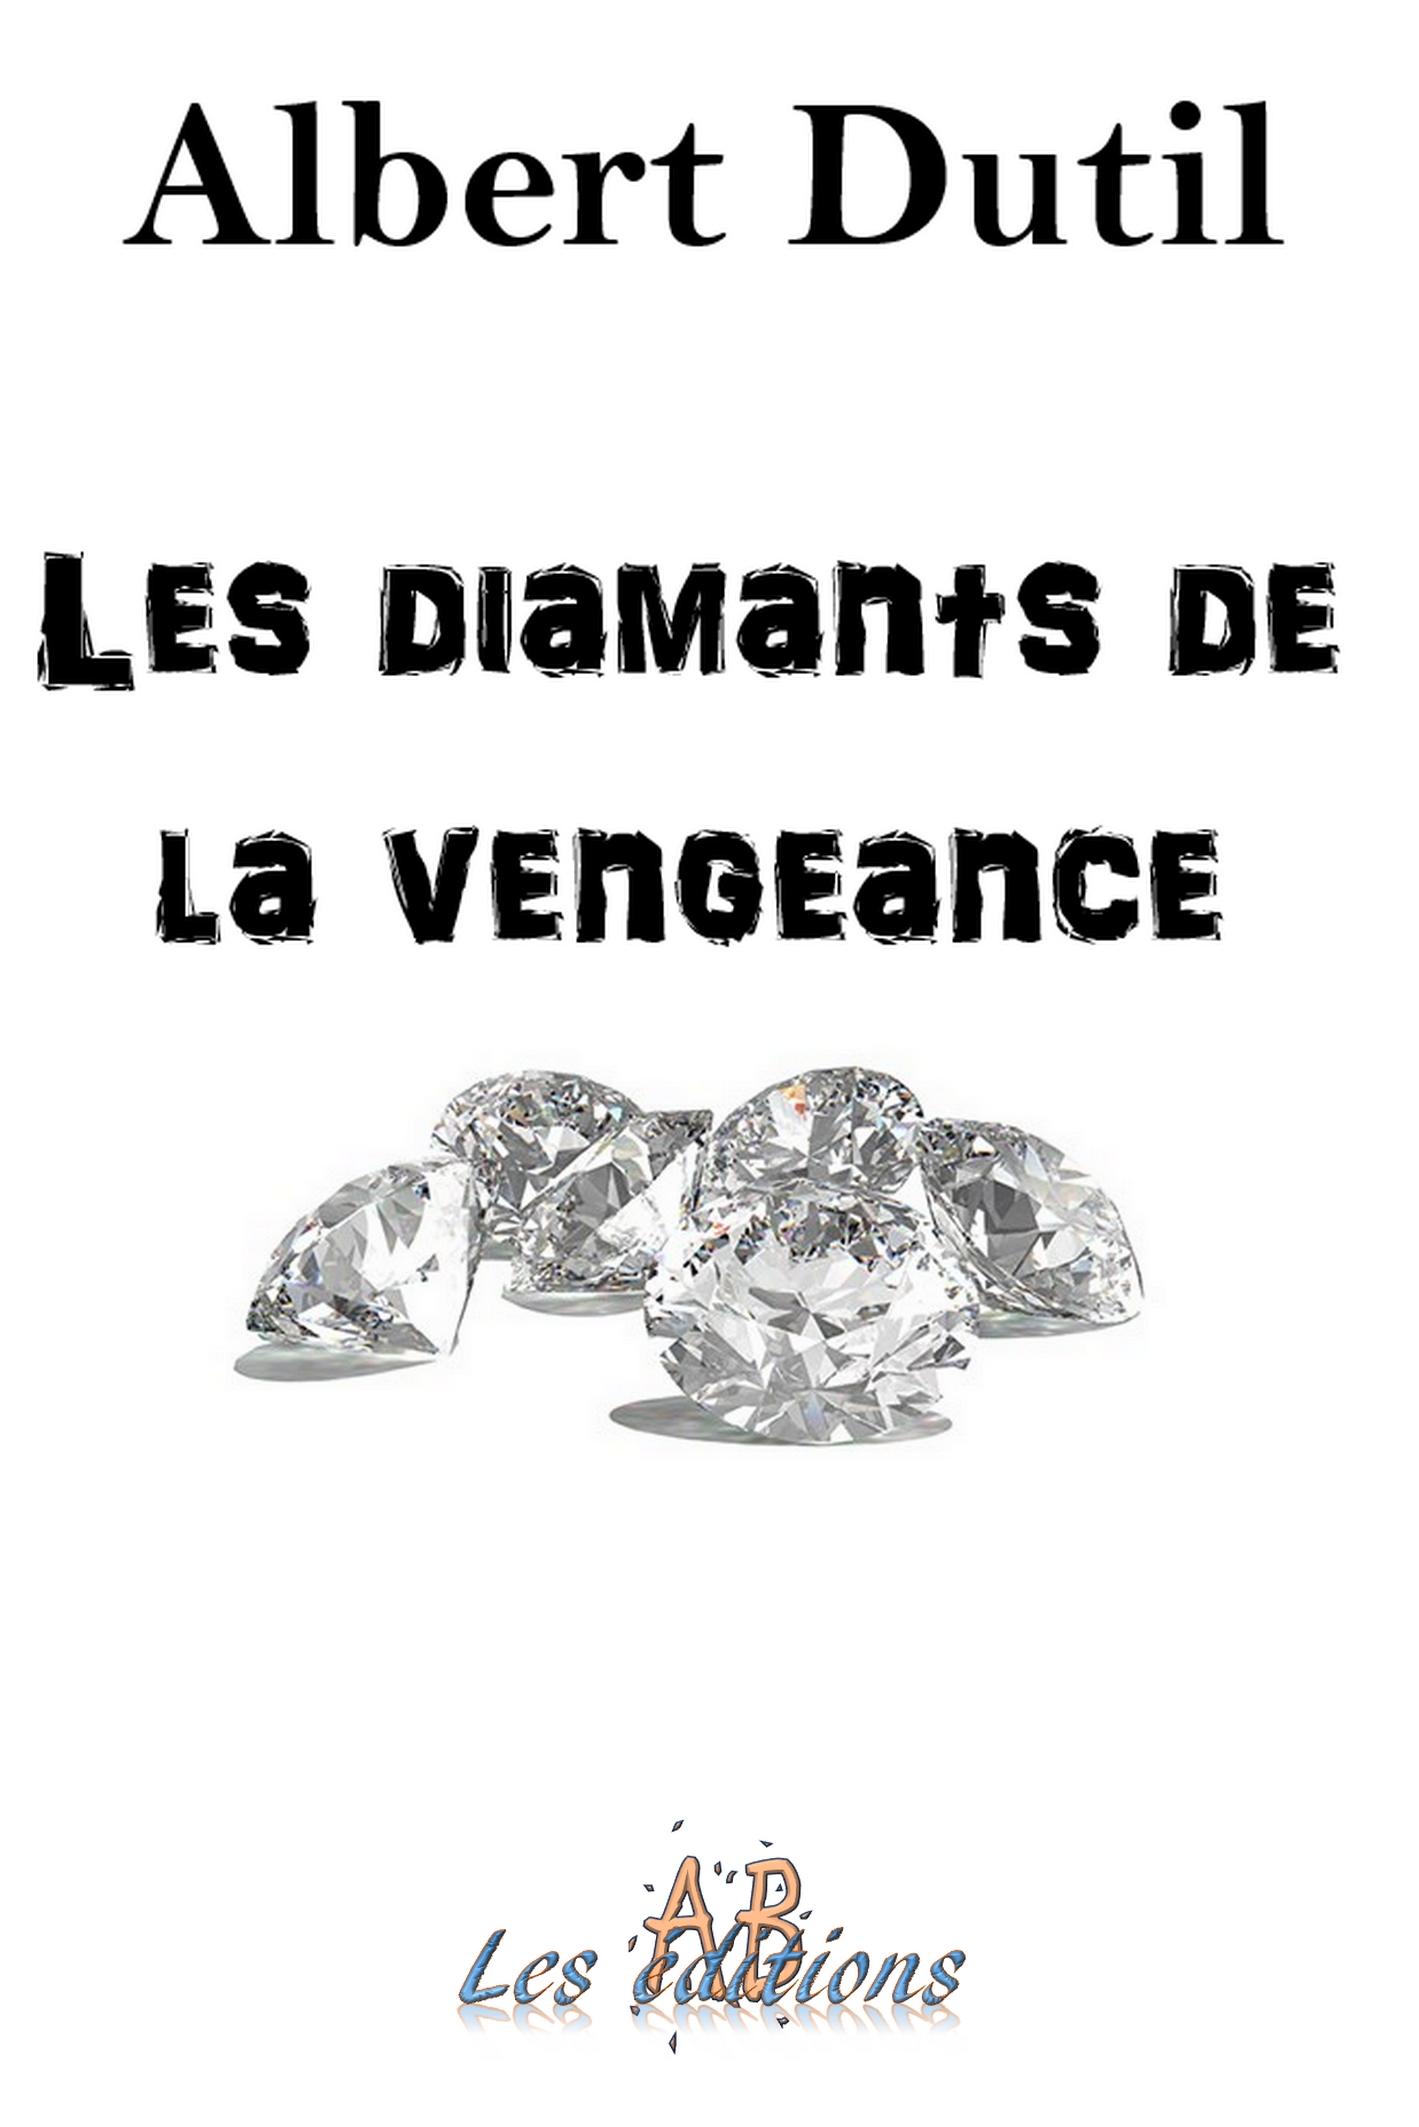 Les diamants de la vengeance